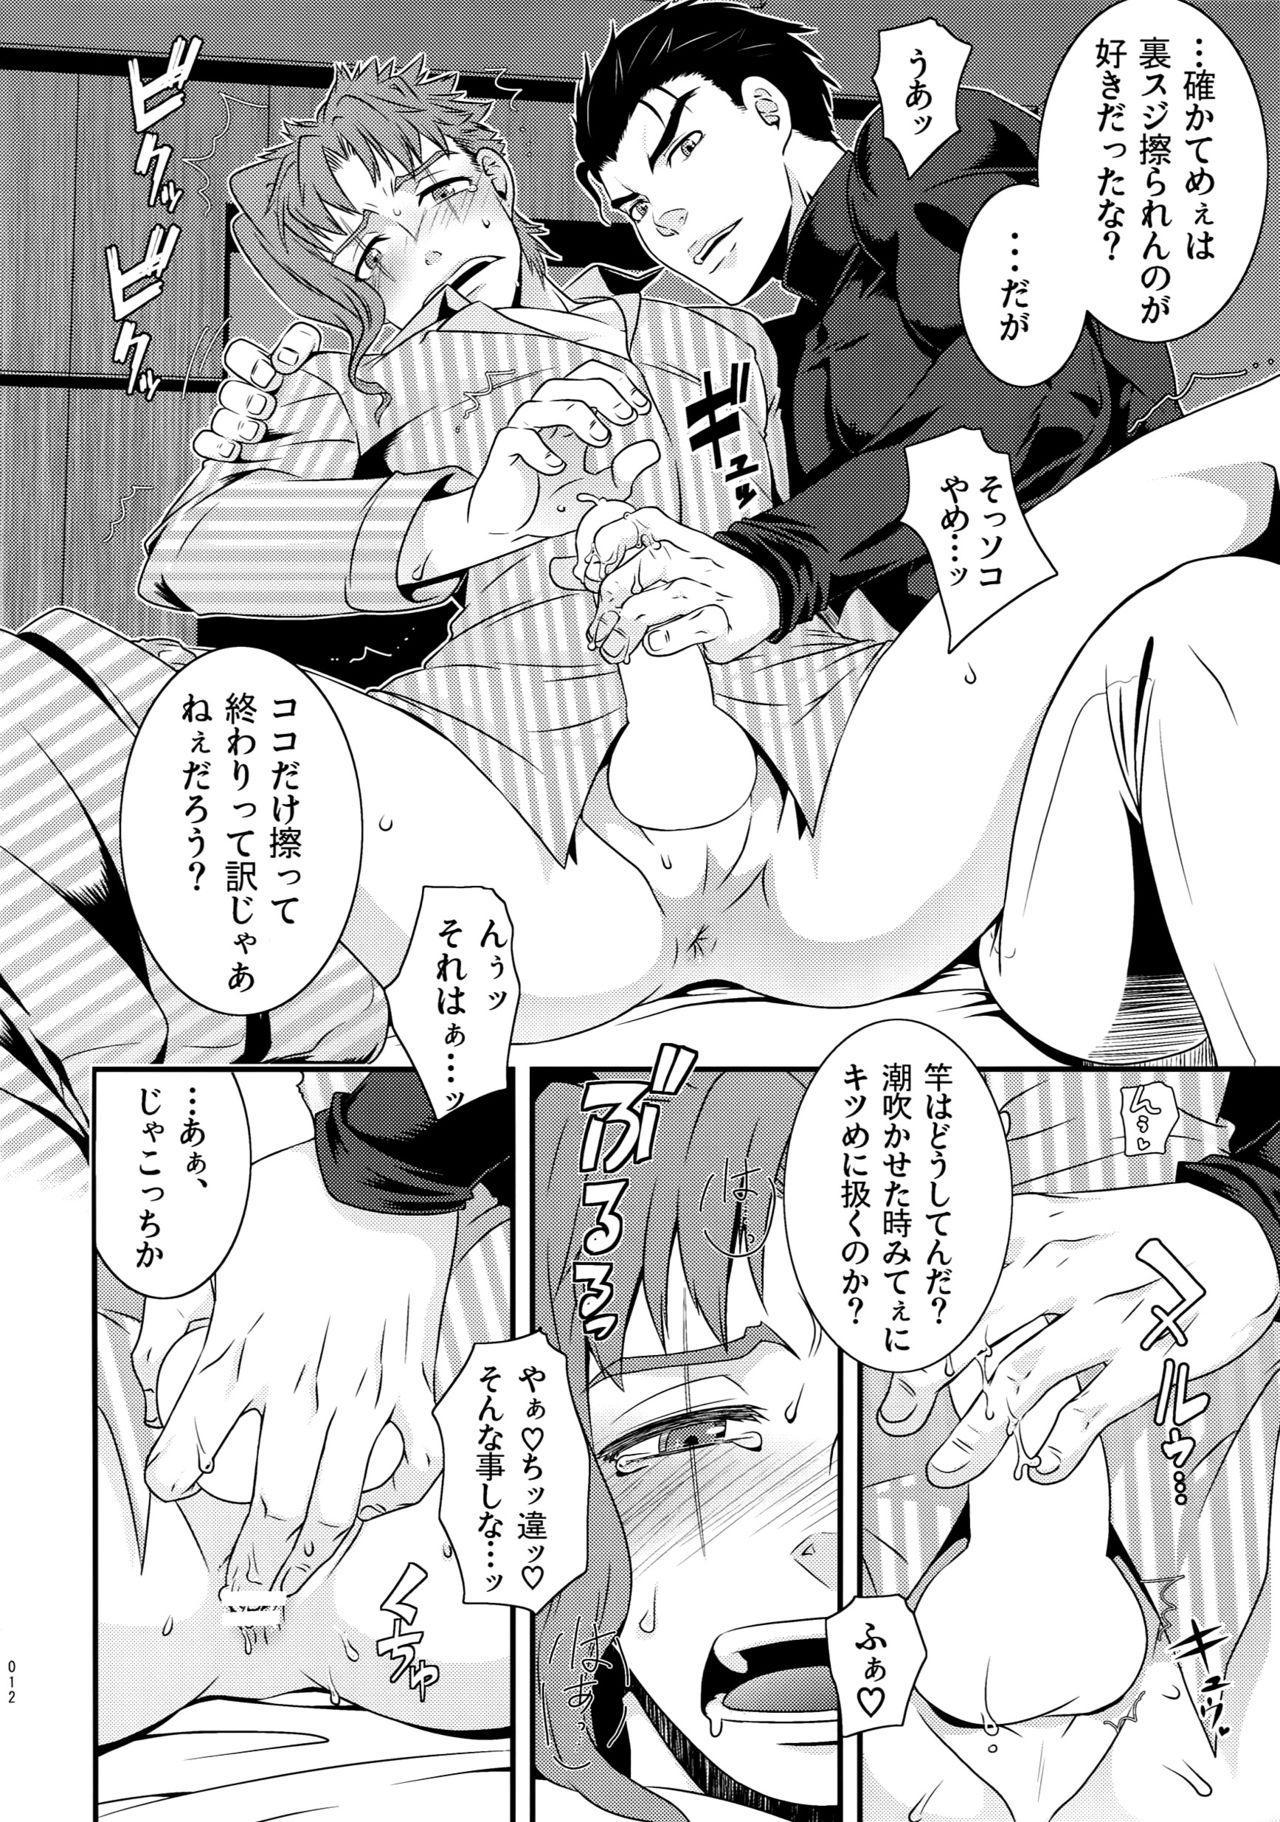 Uketamawa Hana Sairoku Hon 10